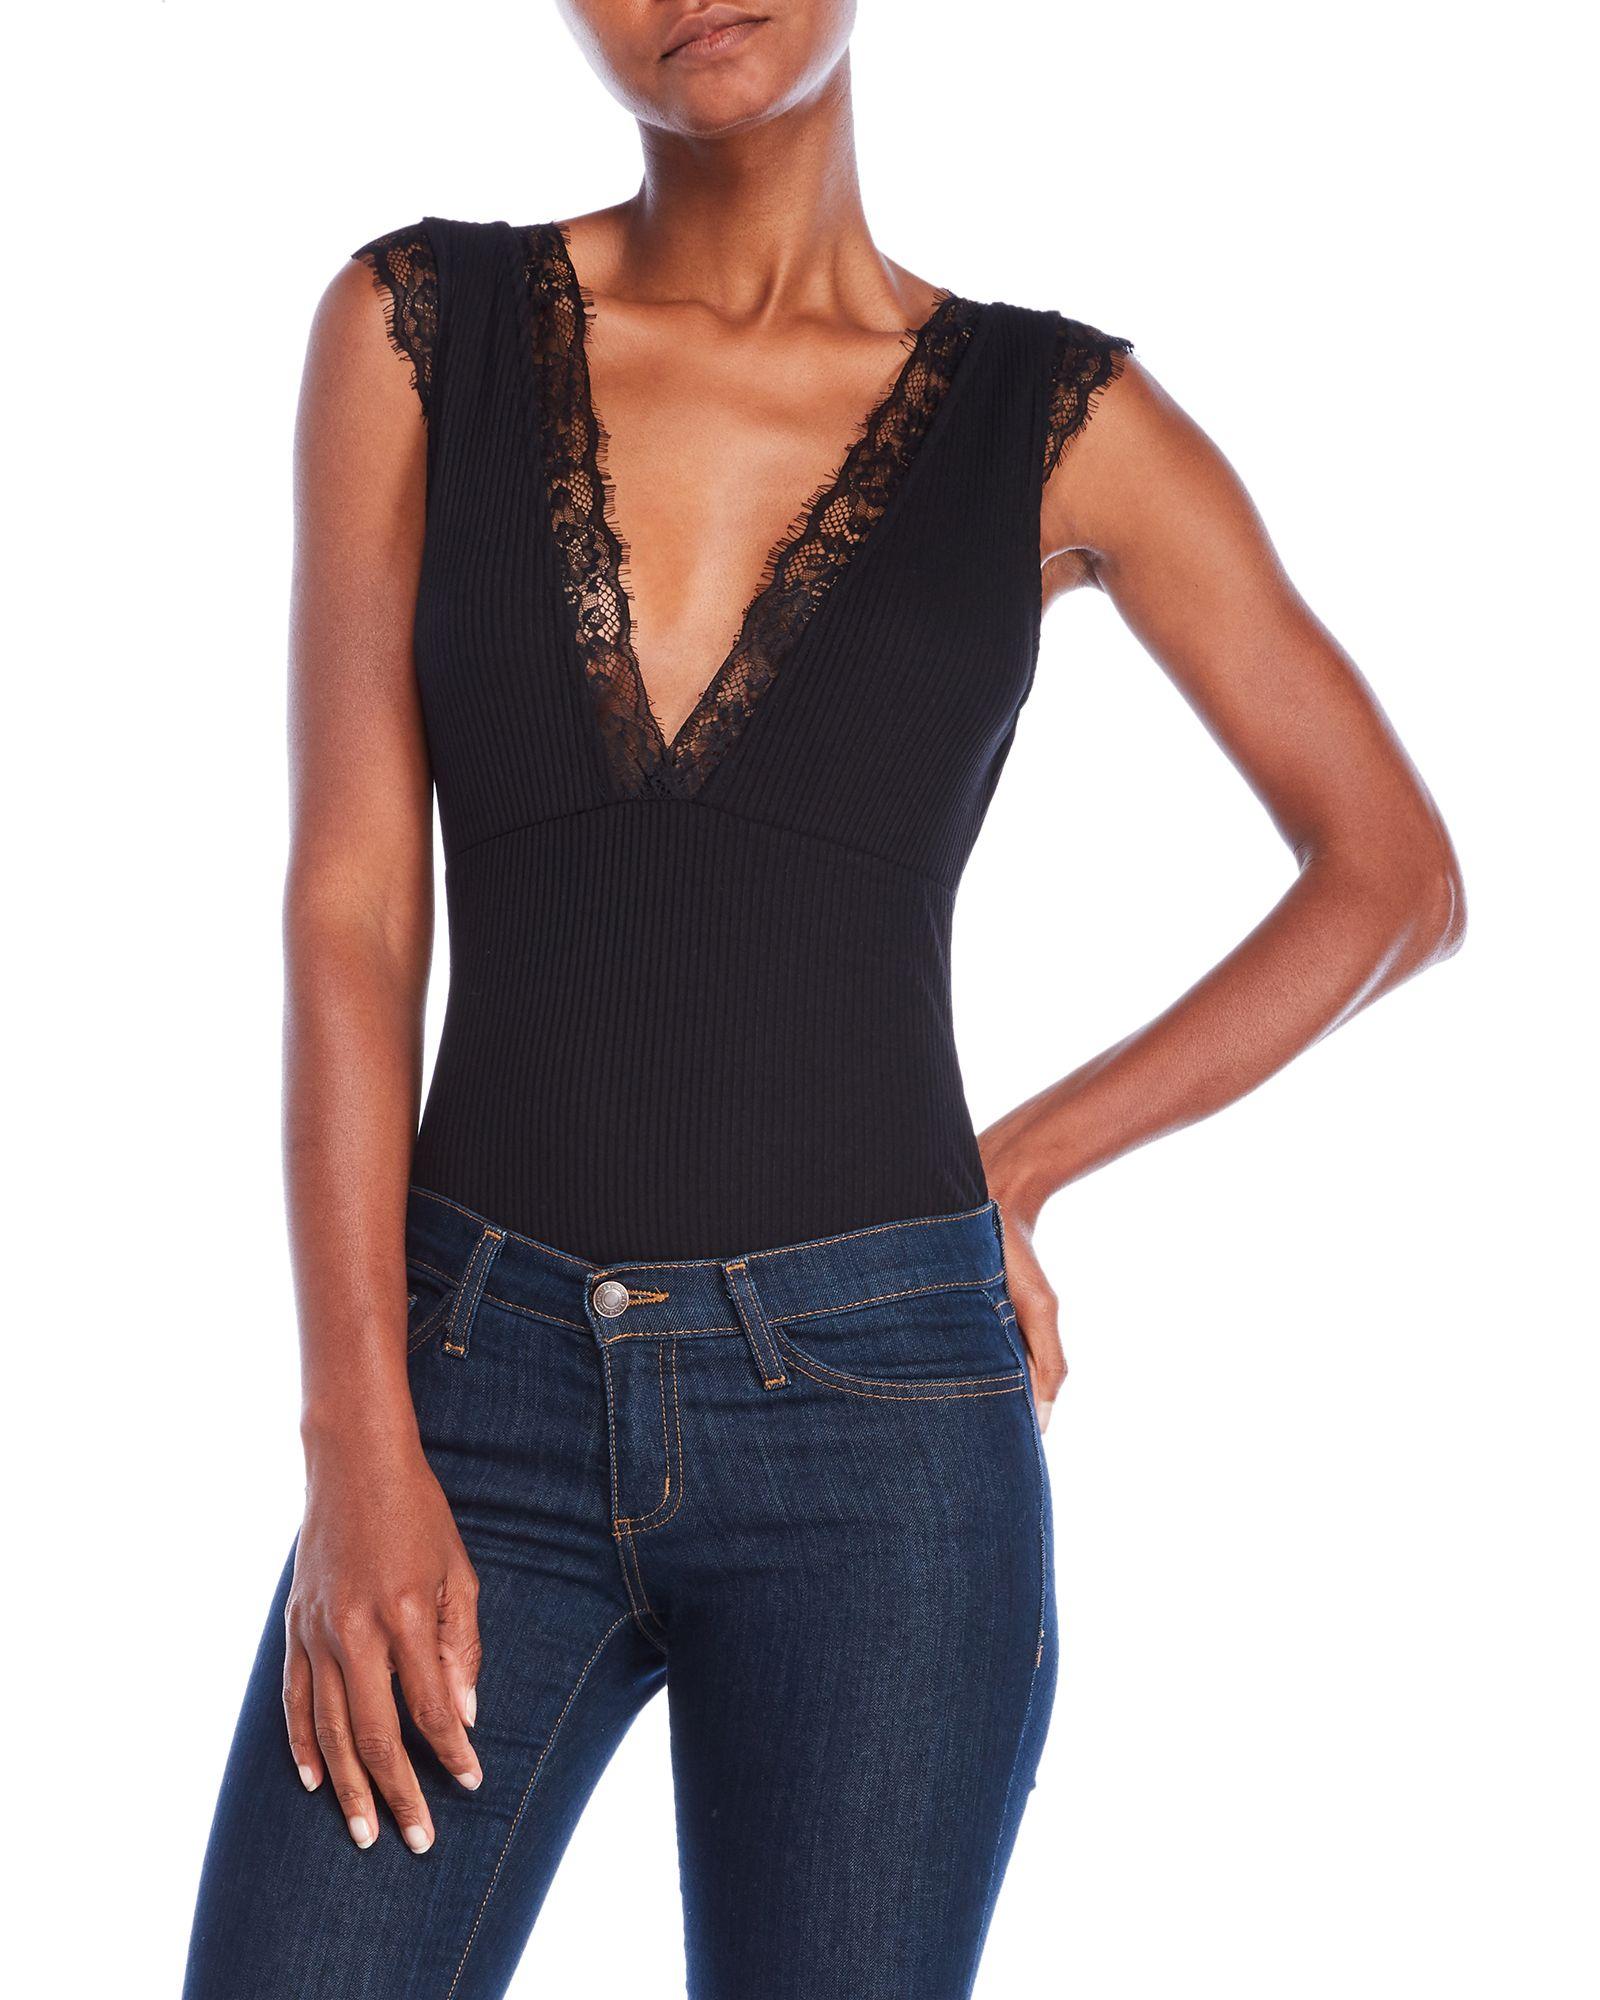 Lace bodysuit with jeans  Honey Punch Lace Deep VNeck Bodysuit  Apparel u Accessories